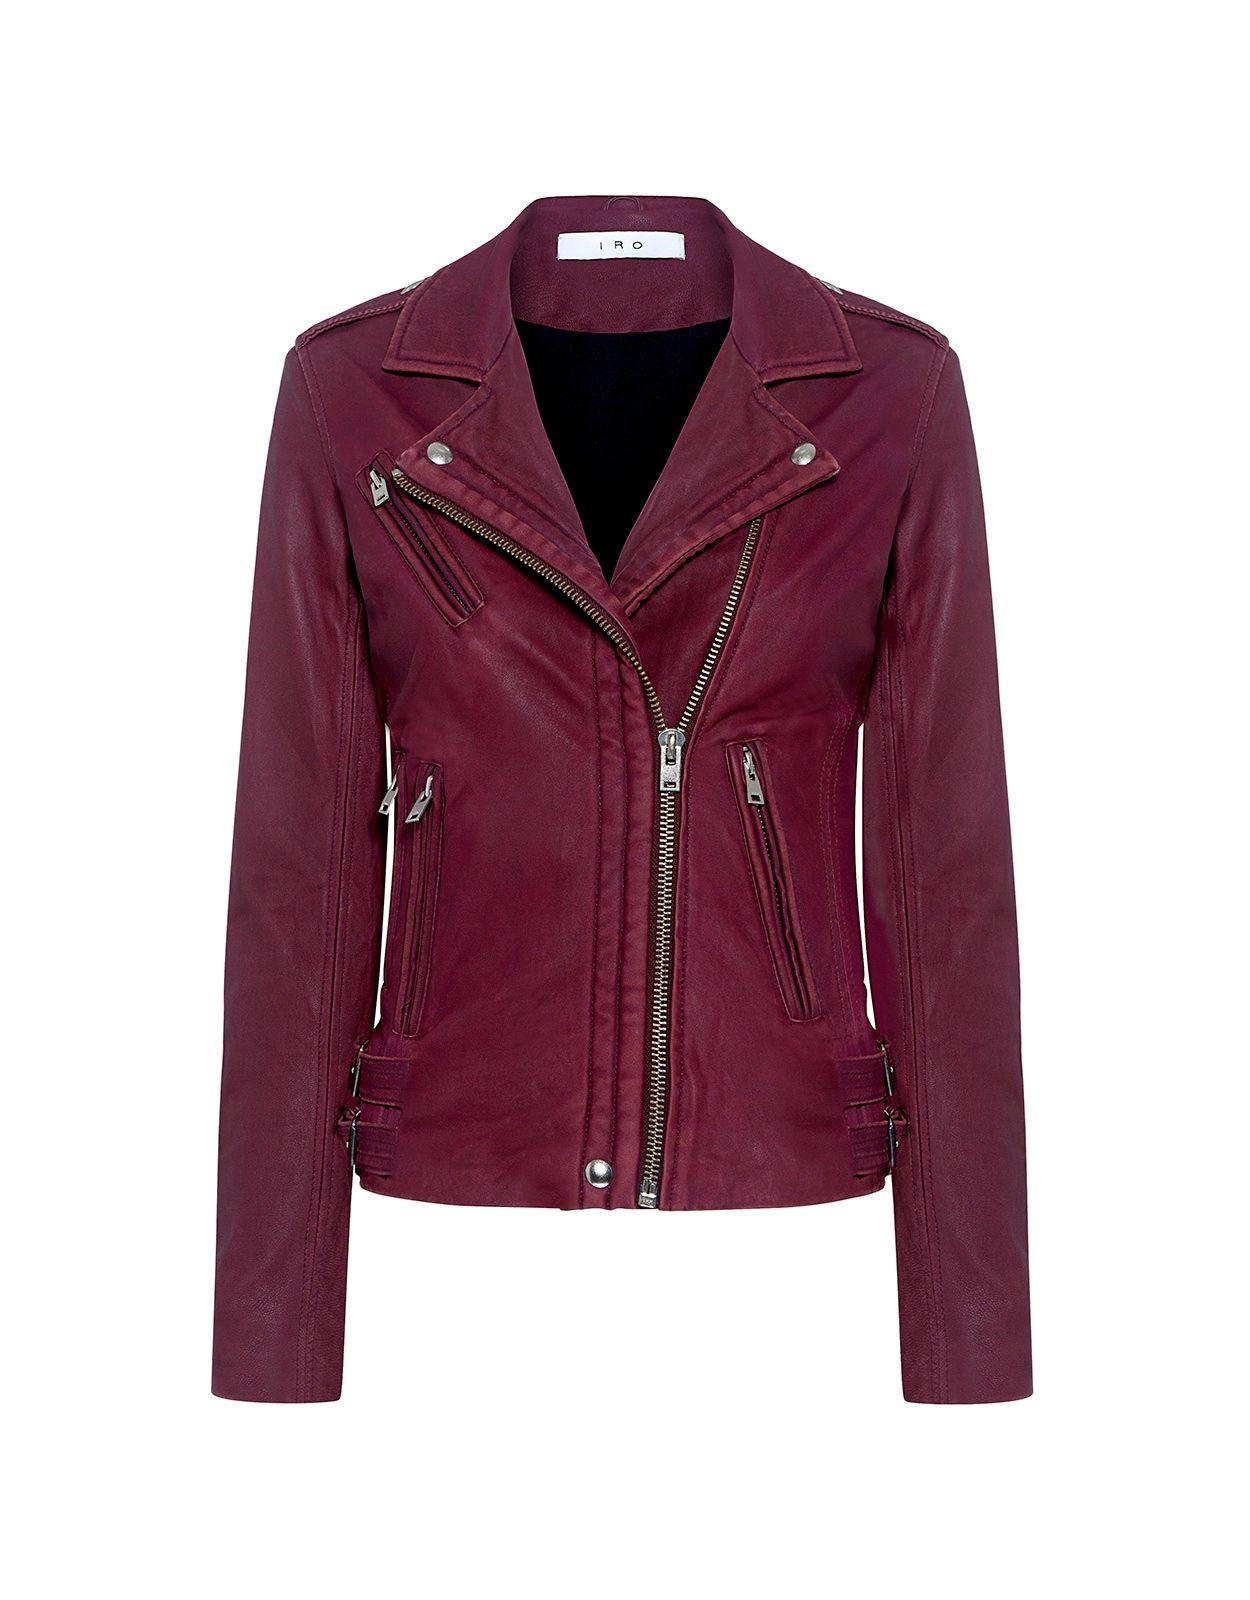 Iro Han Lambskin Leather Biker Jacket Jackets Biker Jackets Ifchic Com Clothes Lamb Leather Jacket Biker Jacket [ 1600 x 1250 Pixel ]